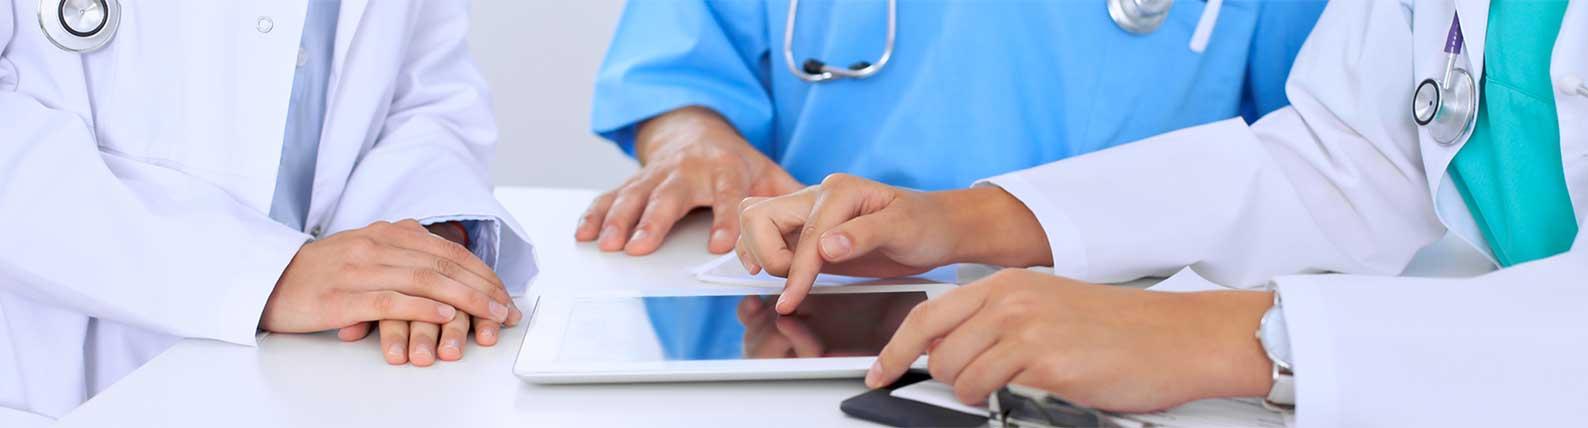 Innovations | San Joaquin General Hospital